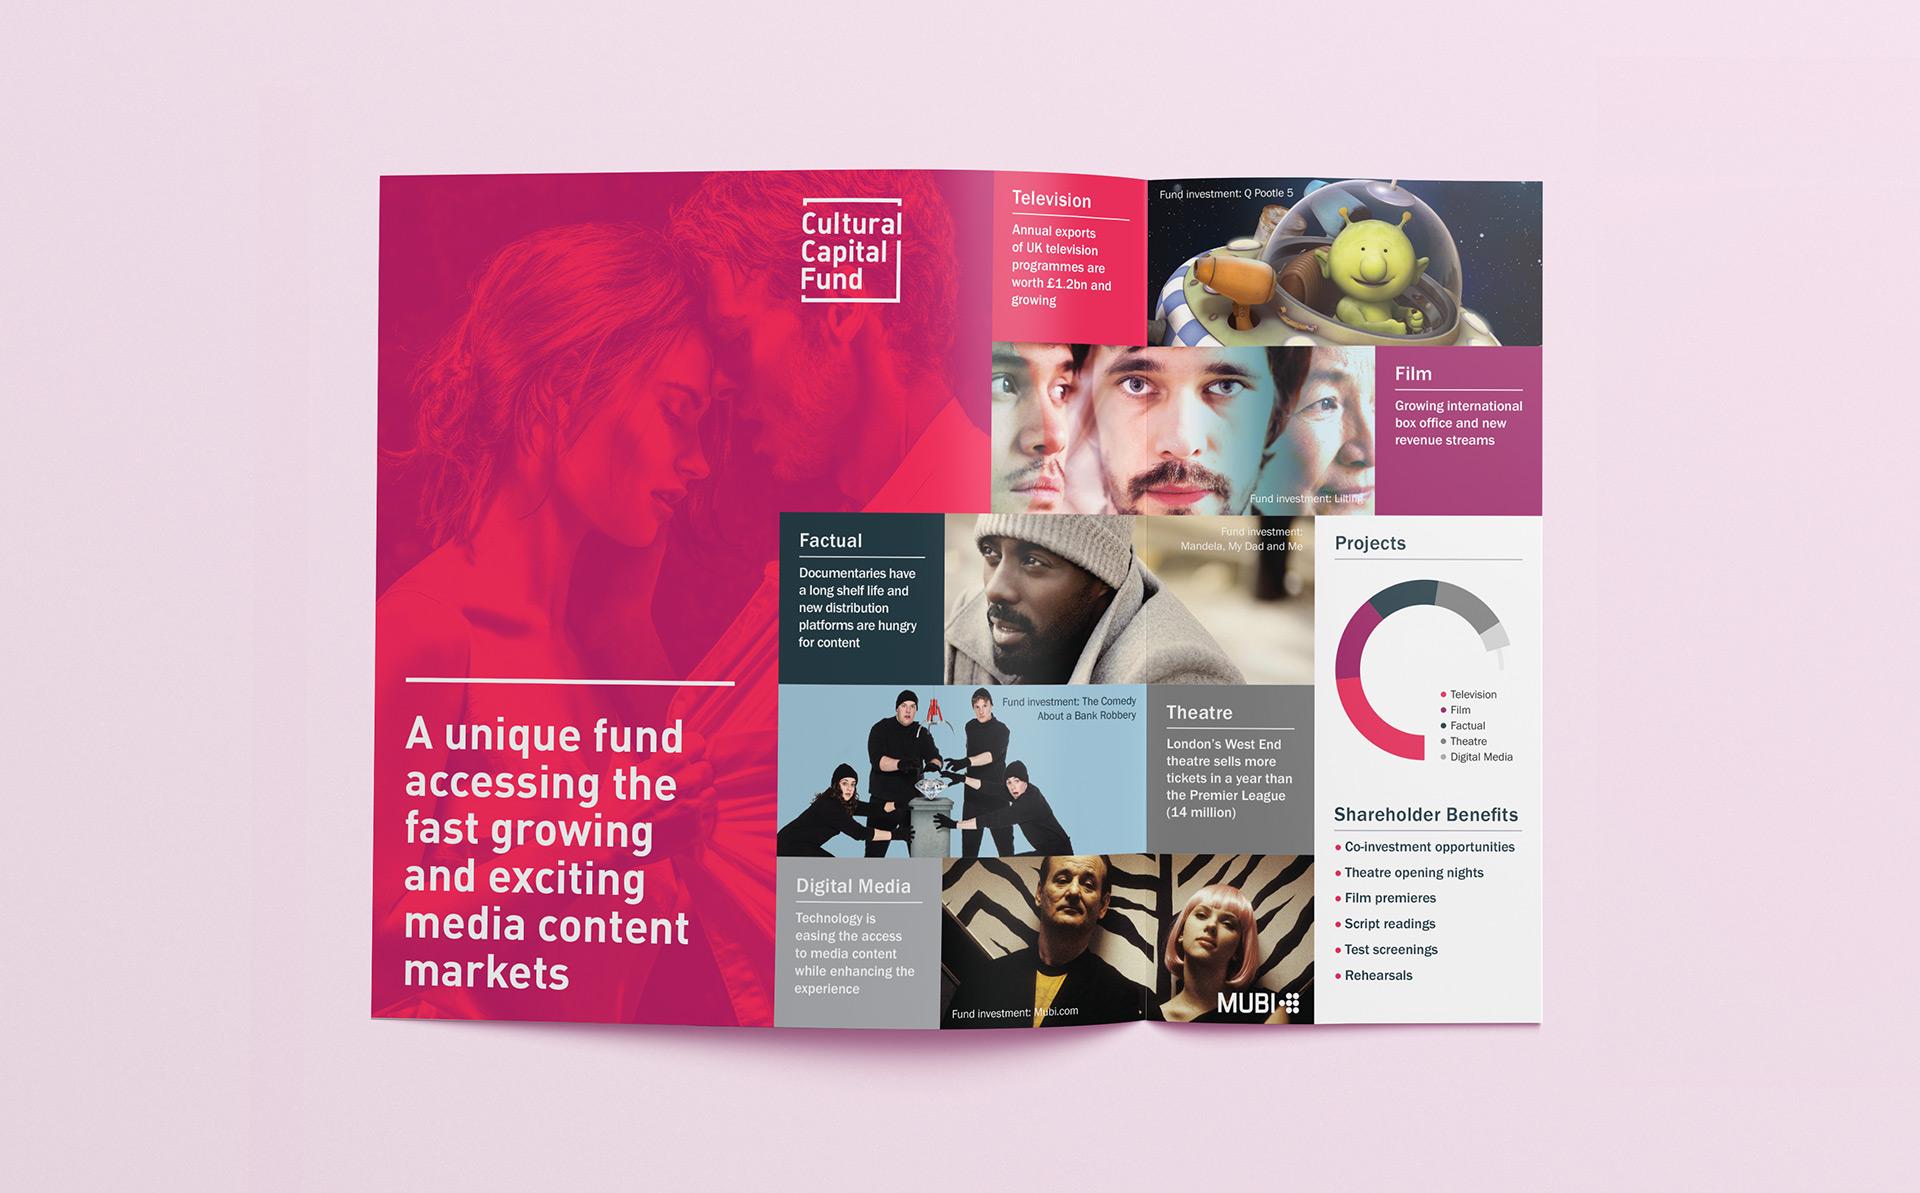 Cultural-Capital-Fund-3